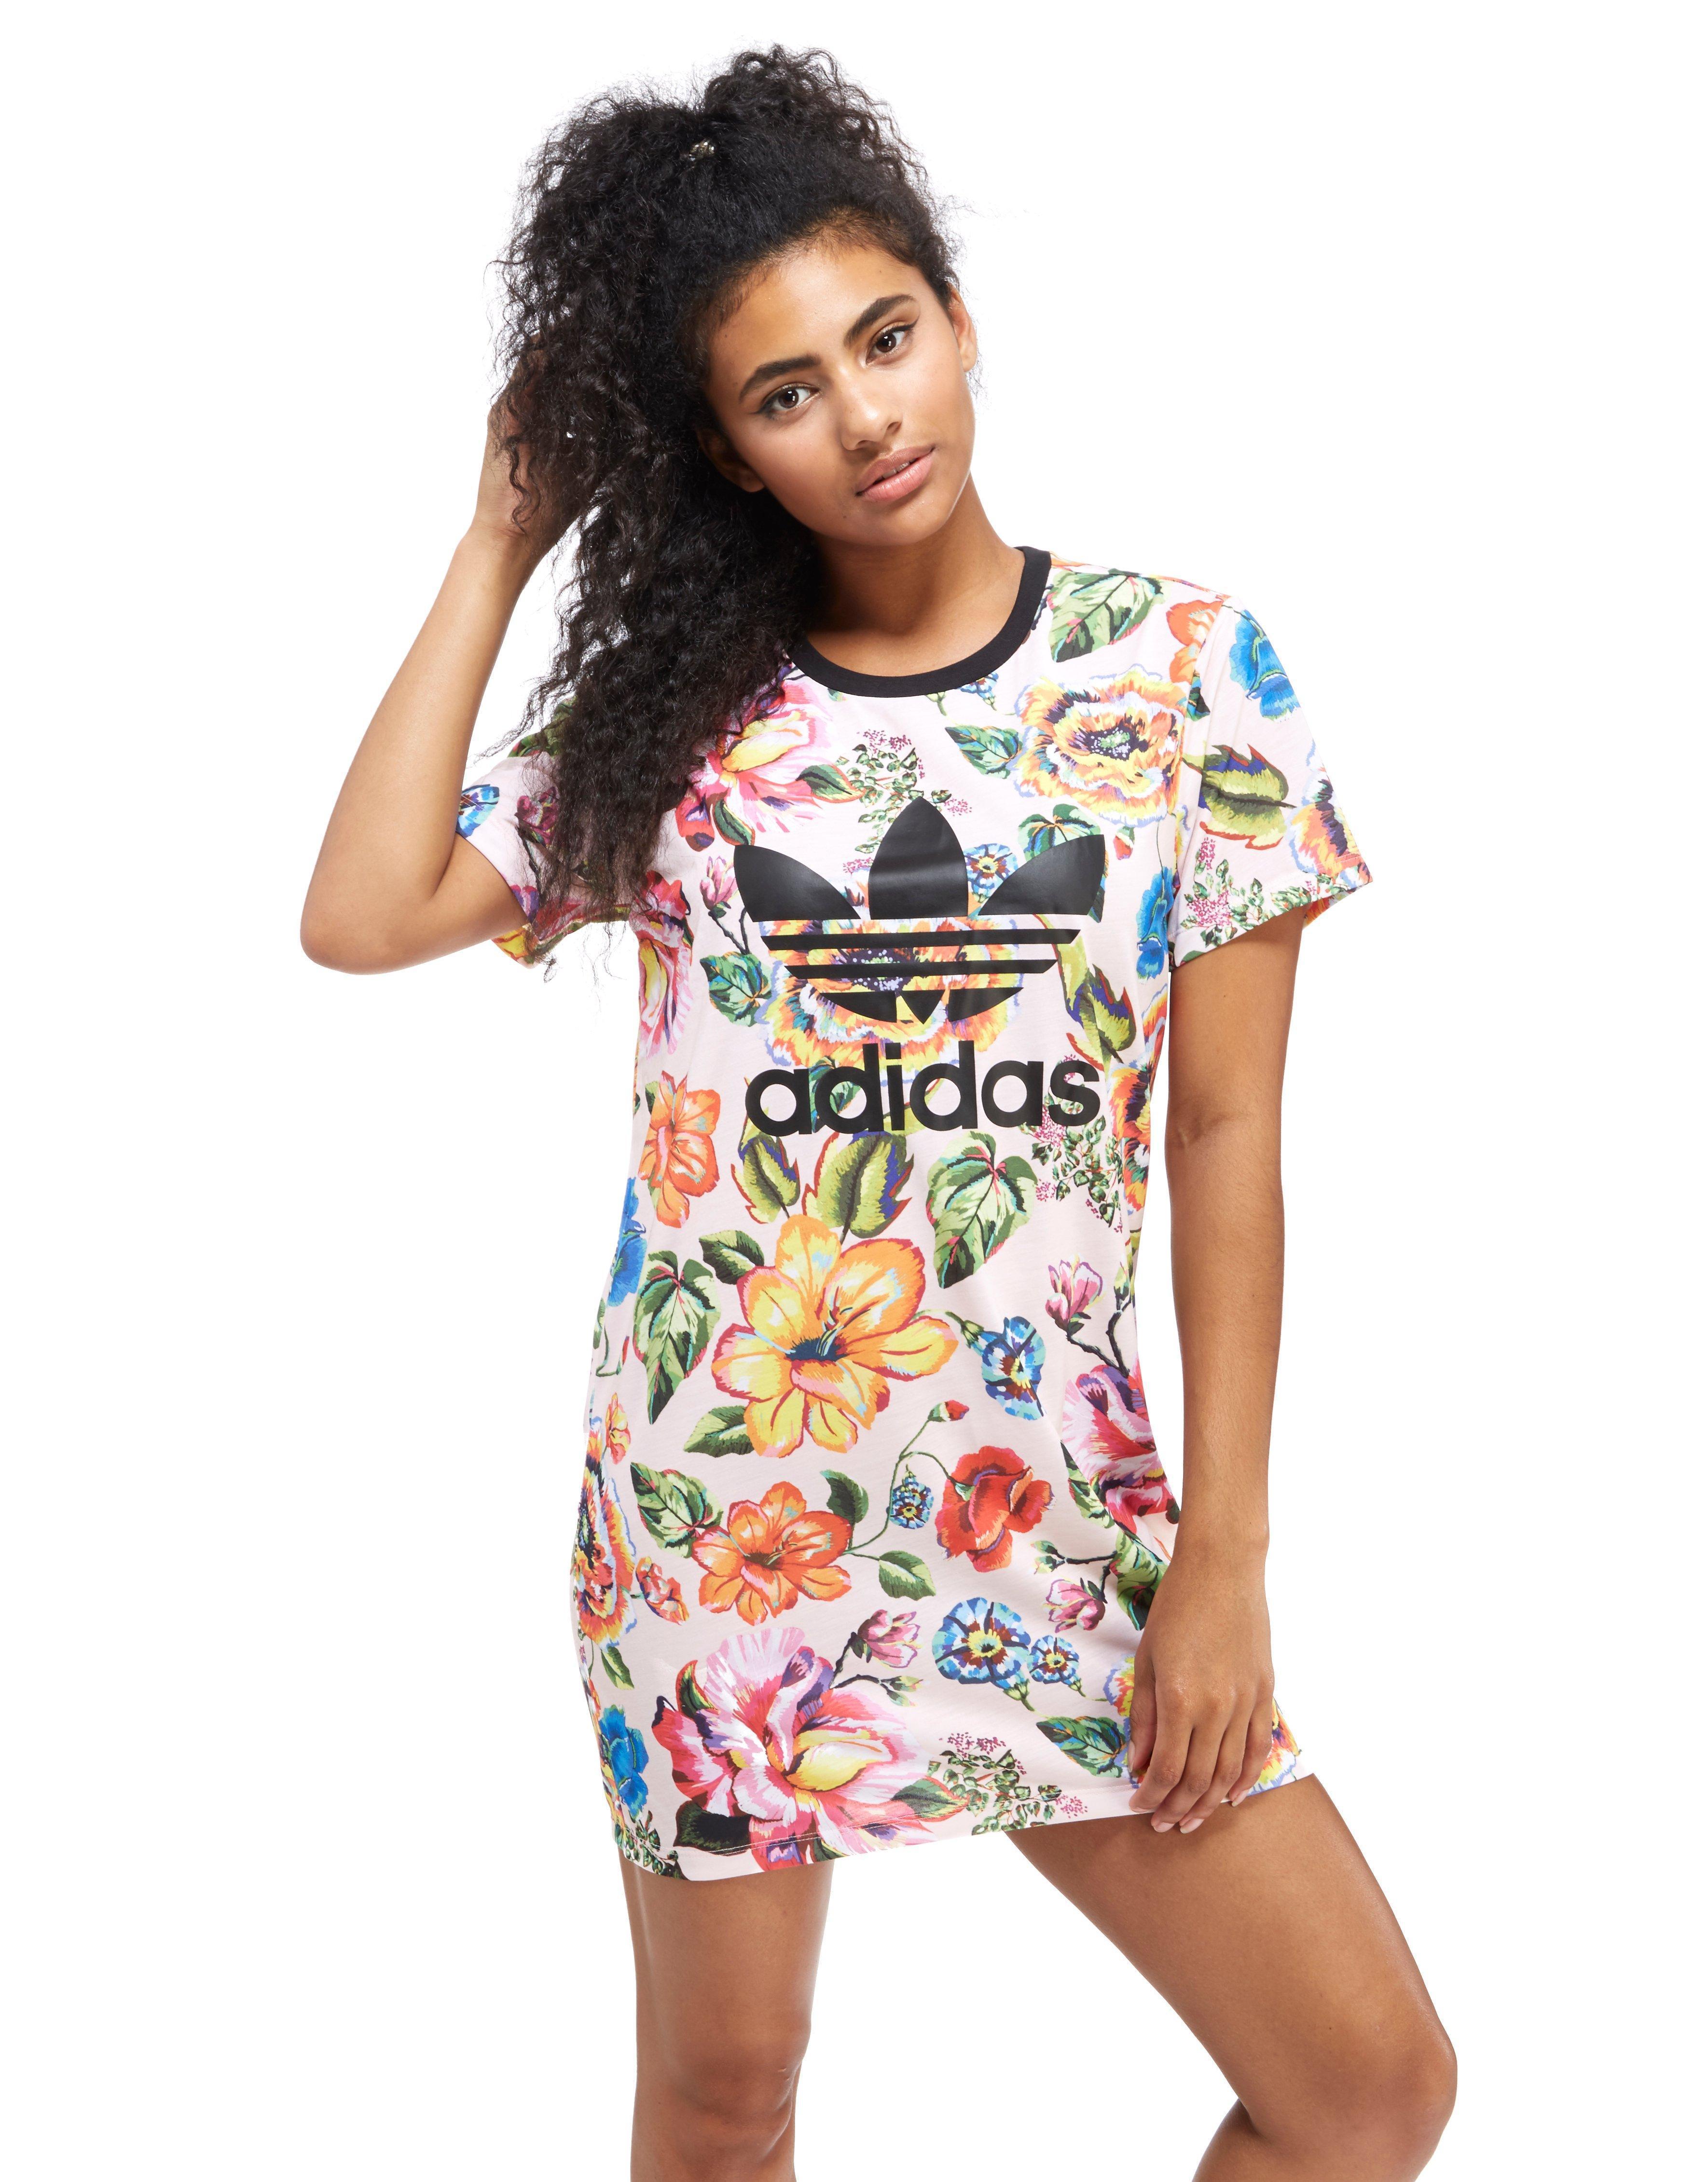 f6b990facdb adidas t shirt dress - saspl.in